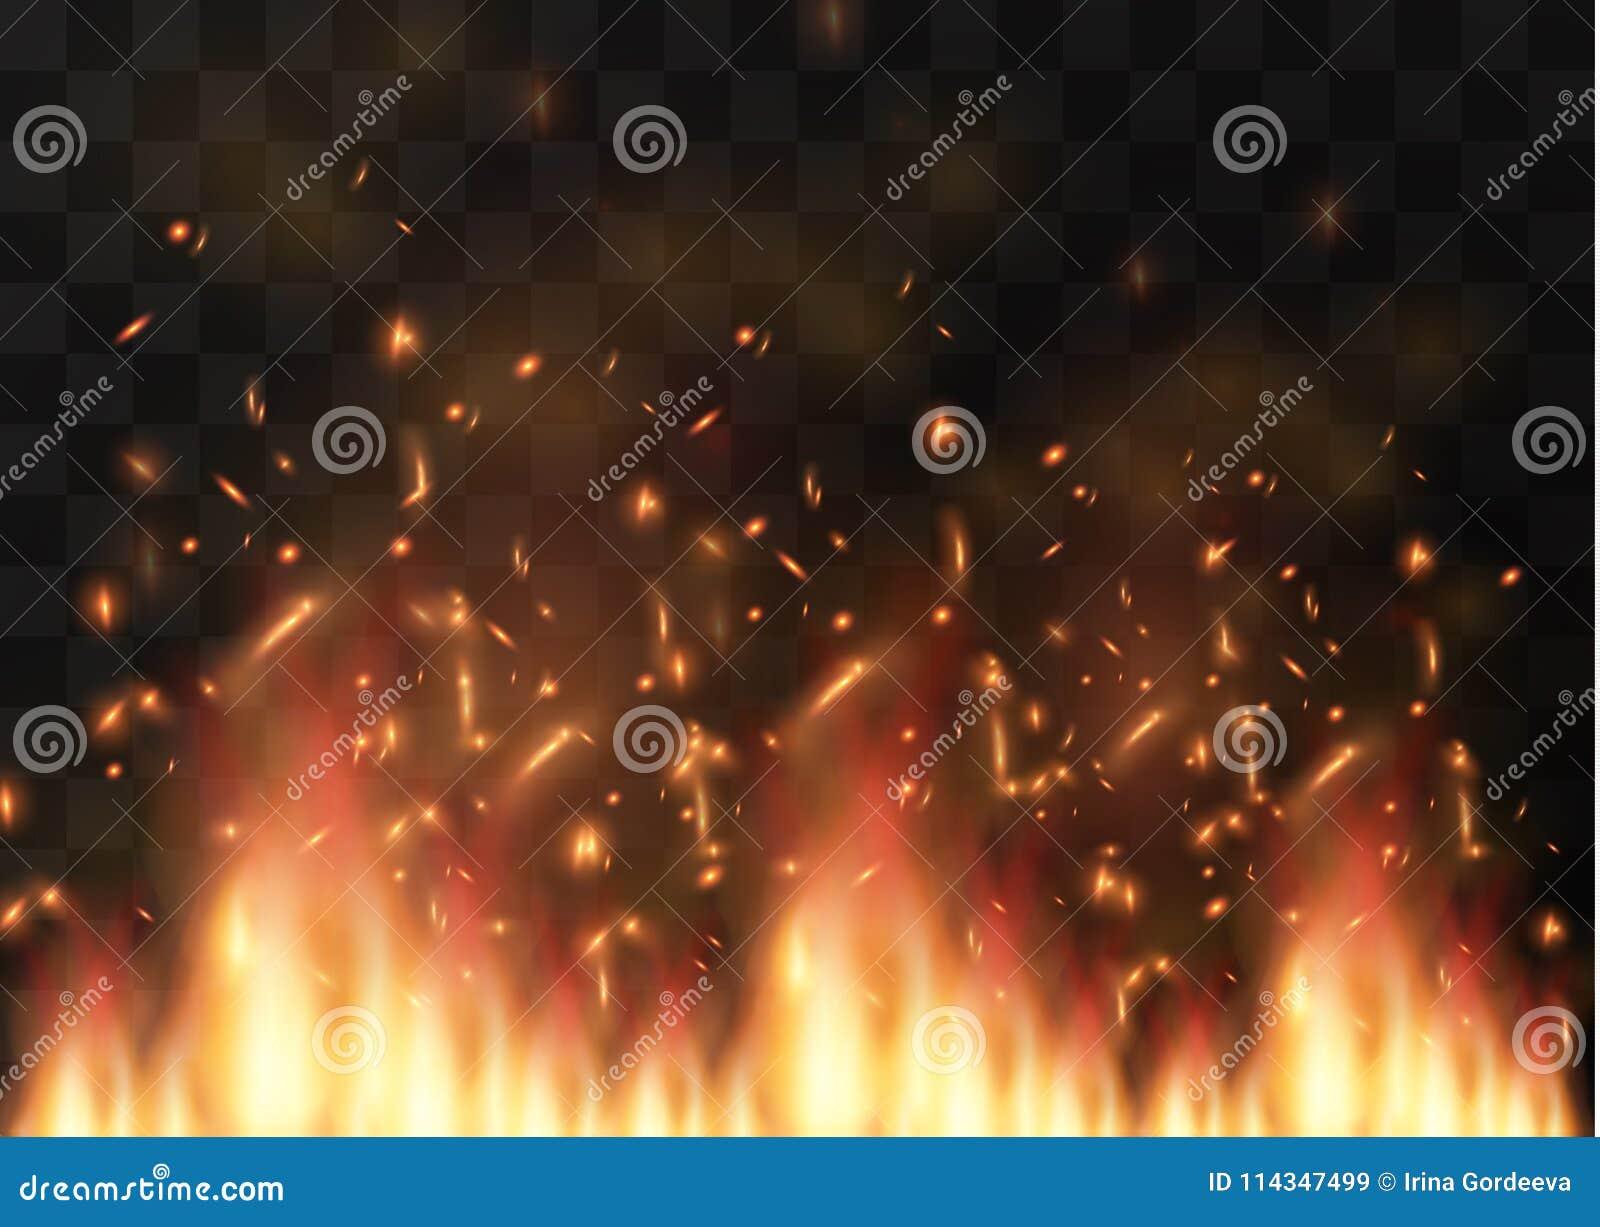 Wektorowy realistyczny pożarniczy przejrzysty specjalnego skutka element Gorący płomień pęka ognisko Upał narzuta Wektoru ogień